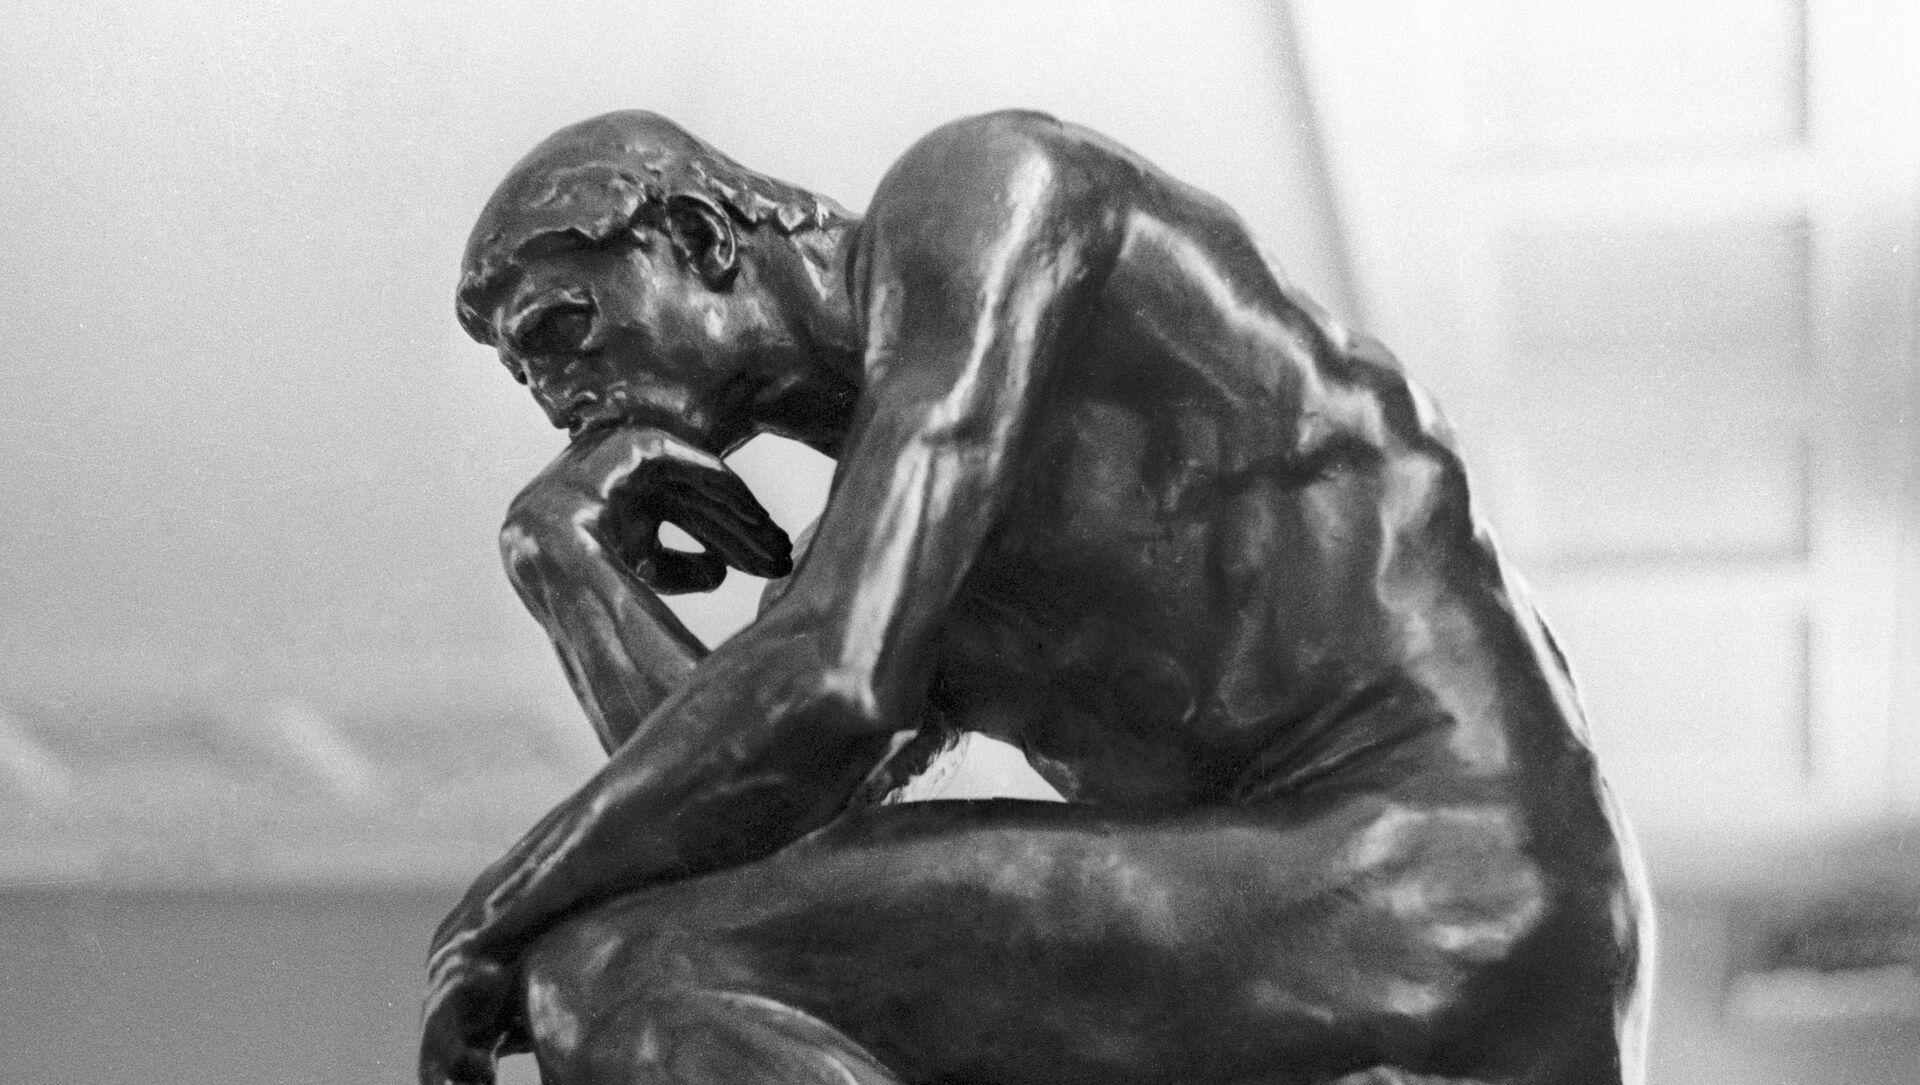 Скульптура Огюста Родена Мыслитель - Sputnik Южная Осетия, 1920, 17.03.2021